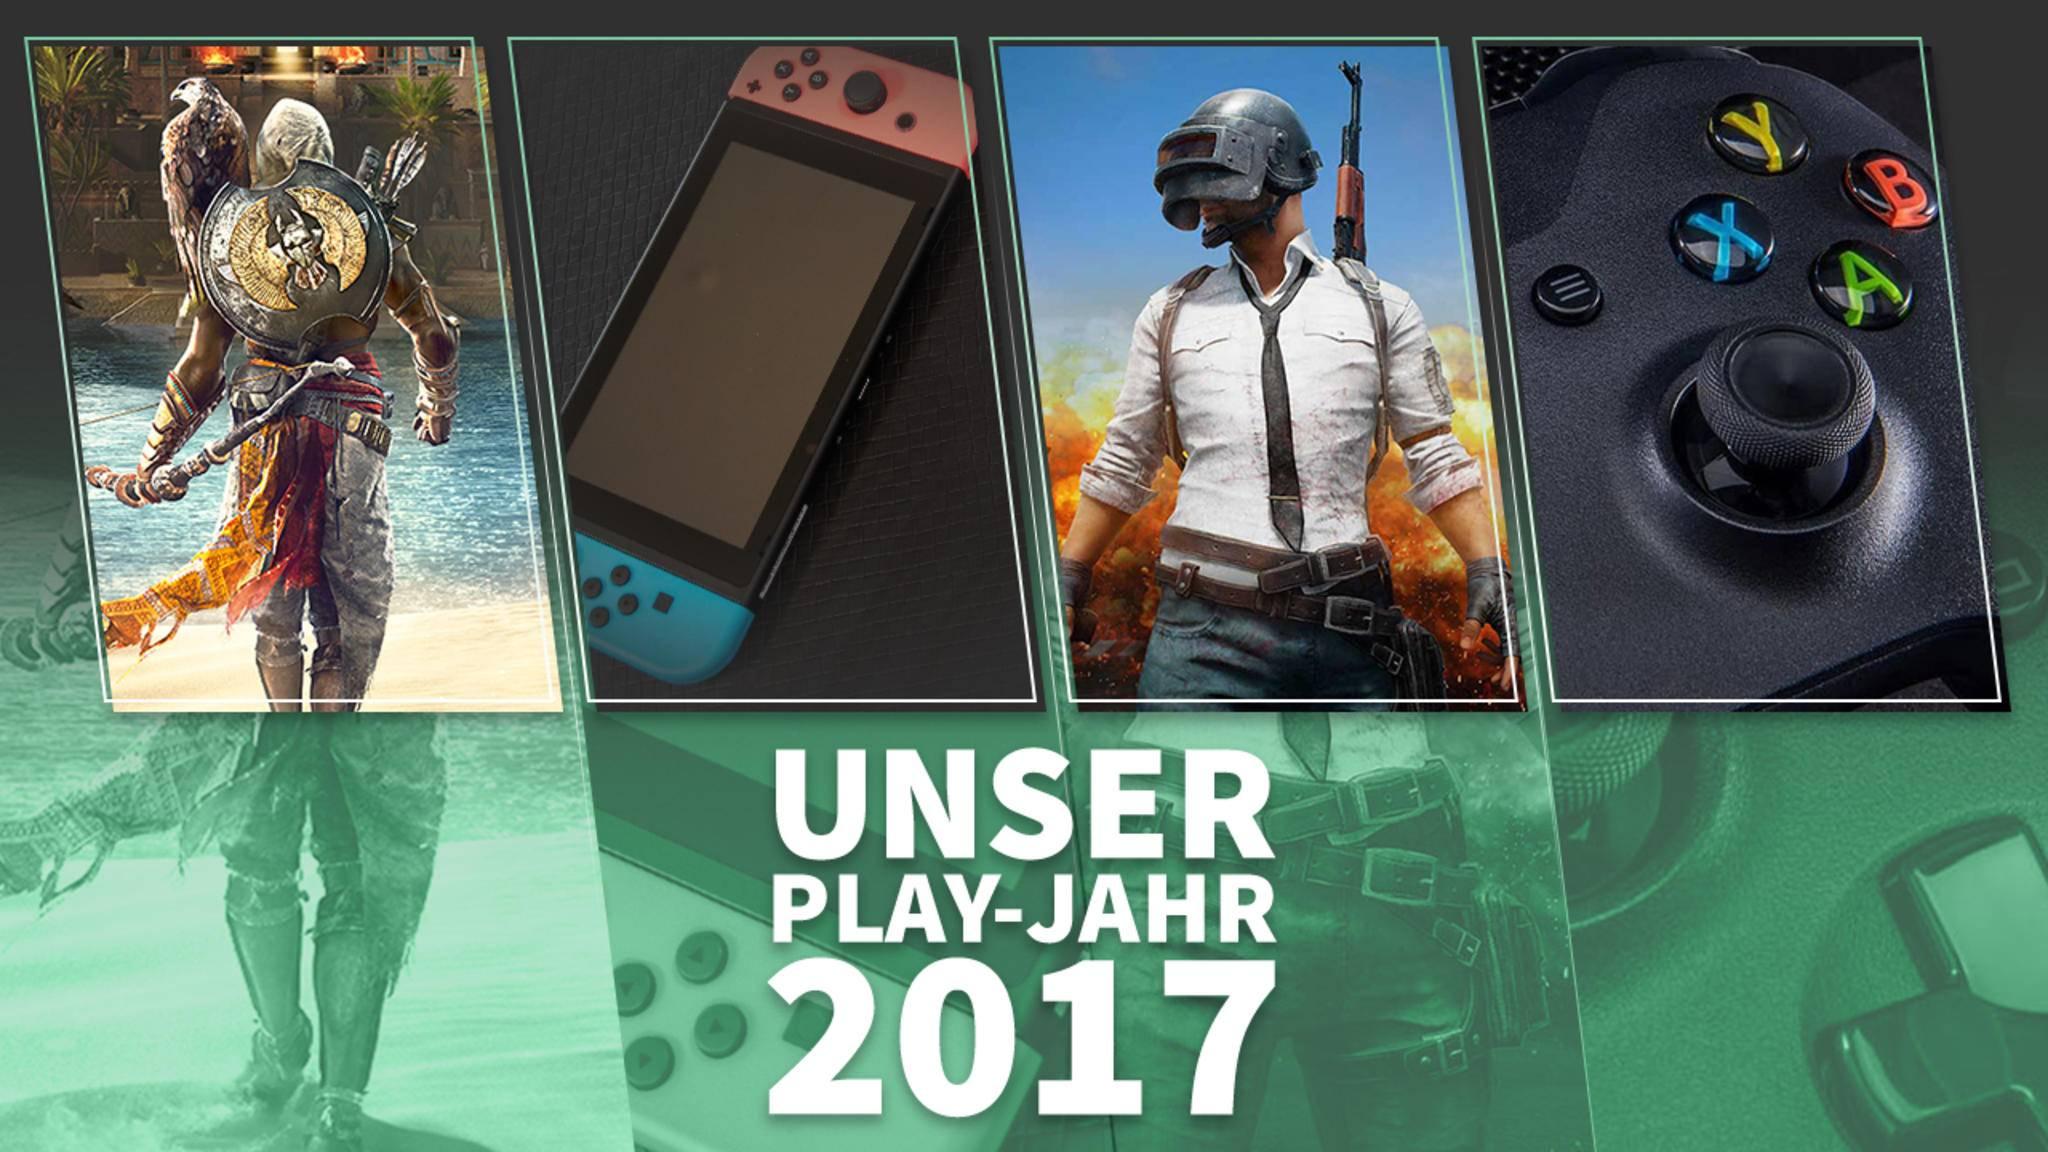 Assassinen, Halb-Handhelds, Indie-Hits und Powerkonsolen – so war unser Spielejahr 2017!